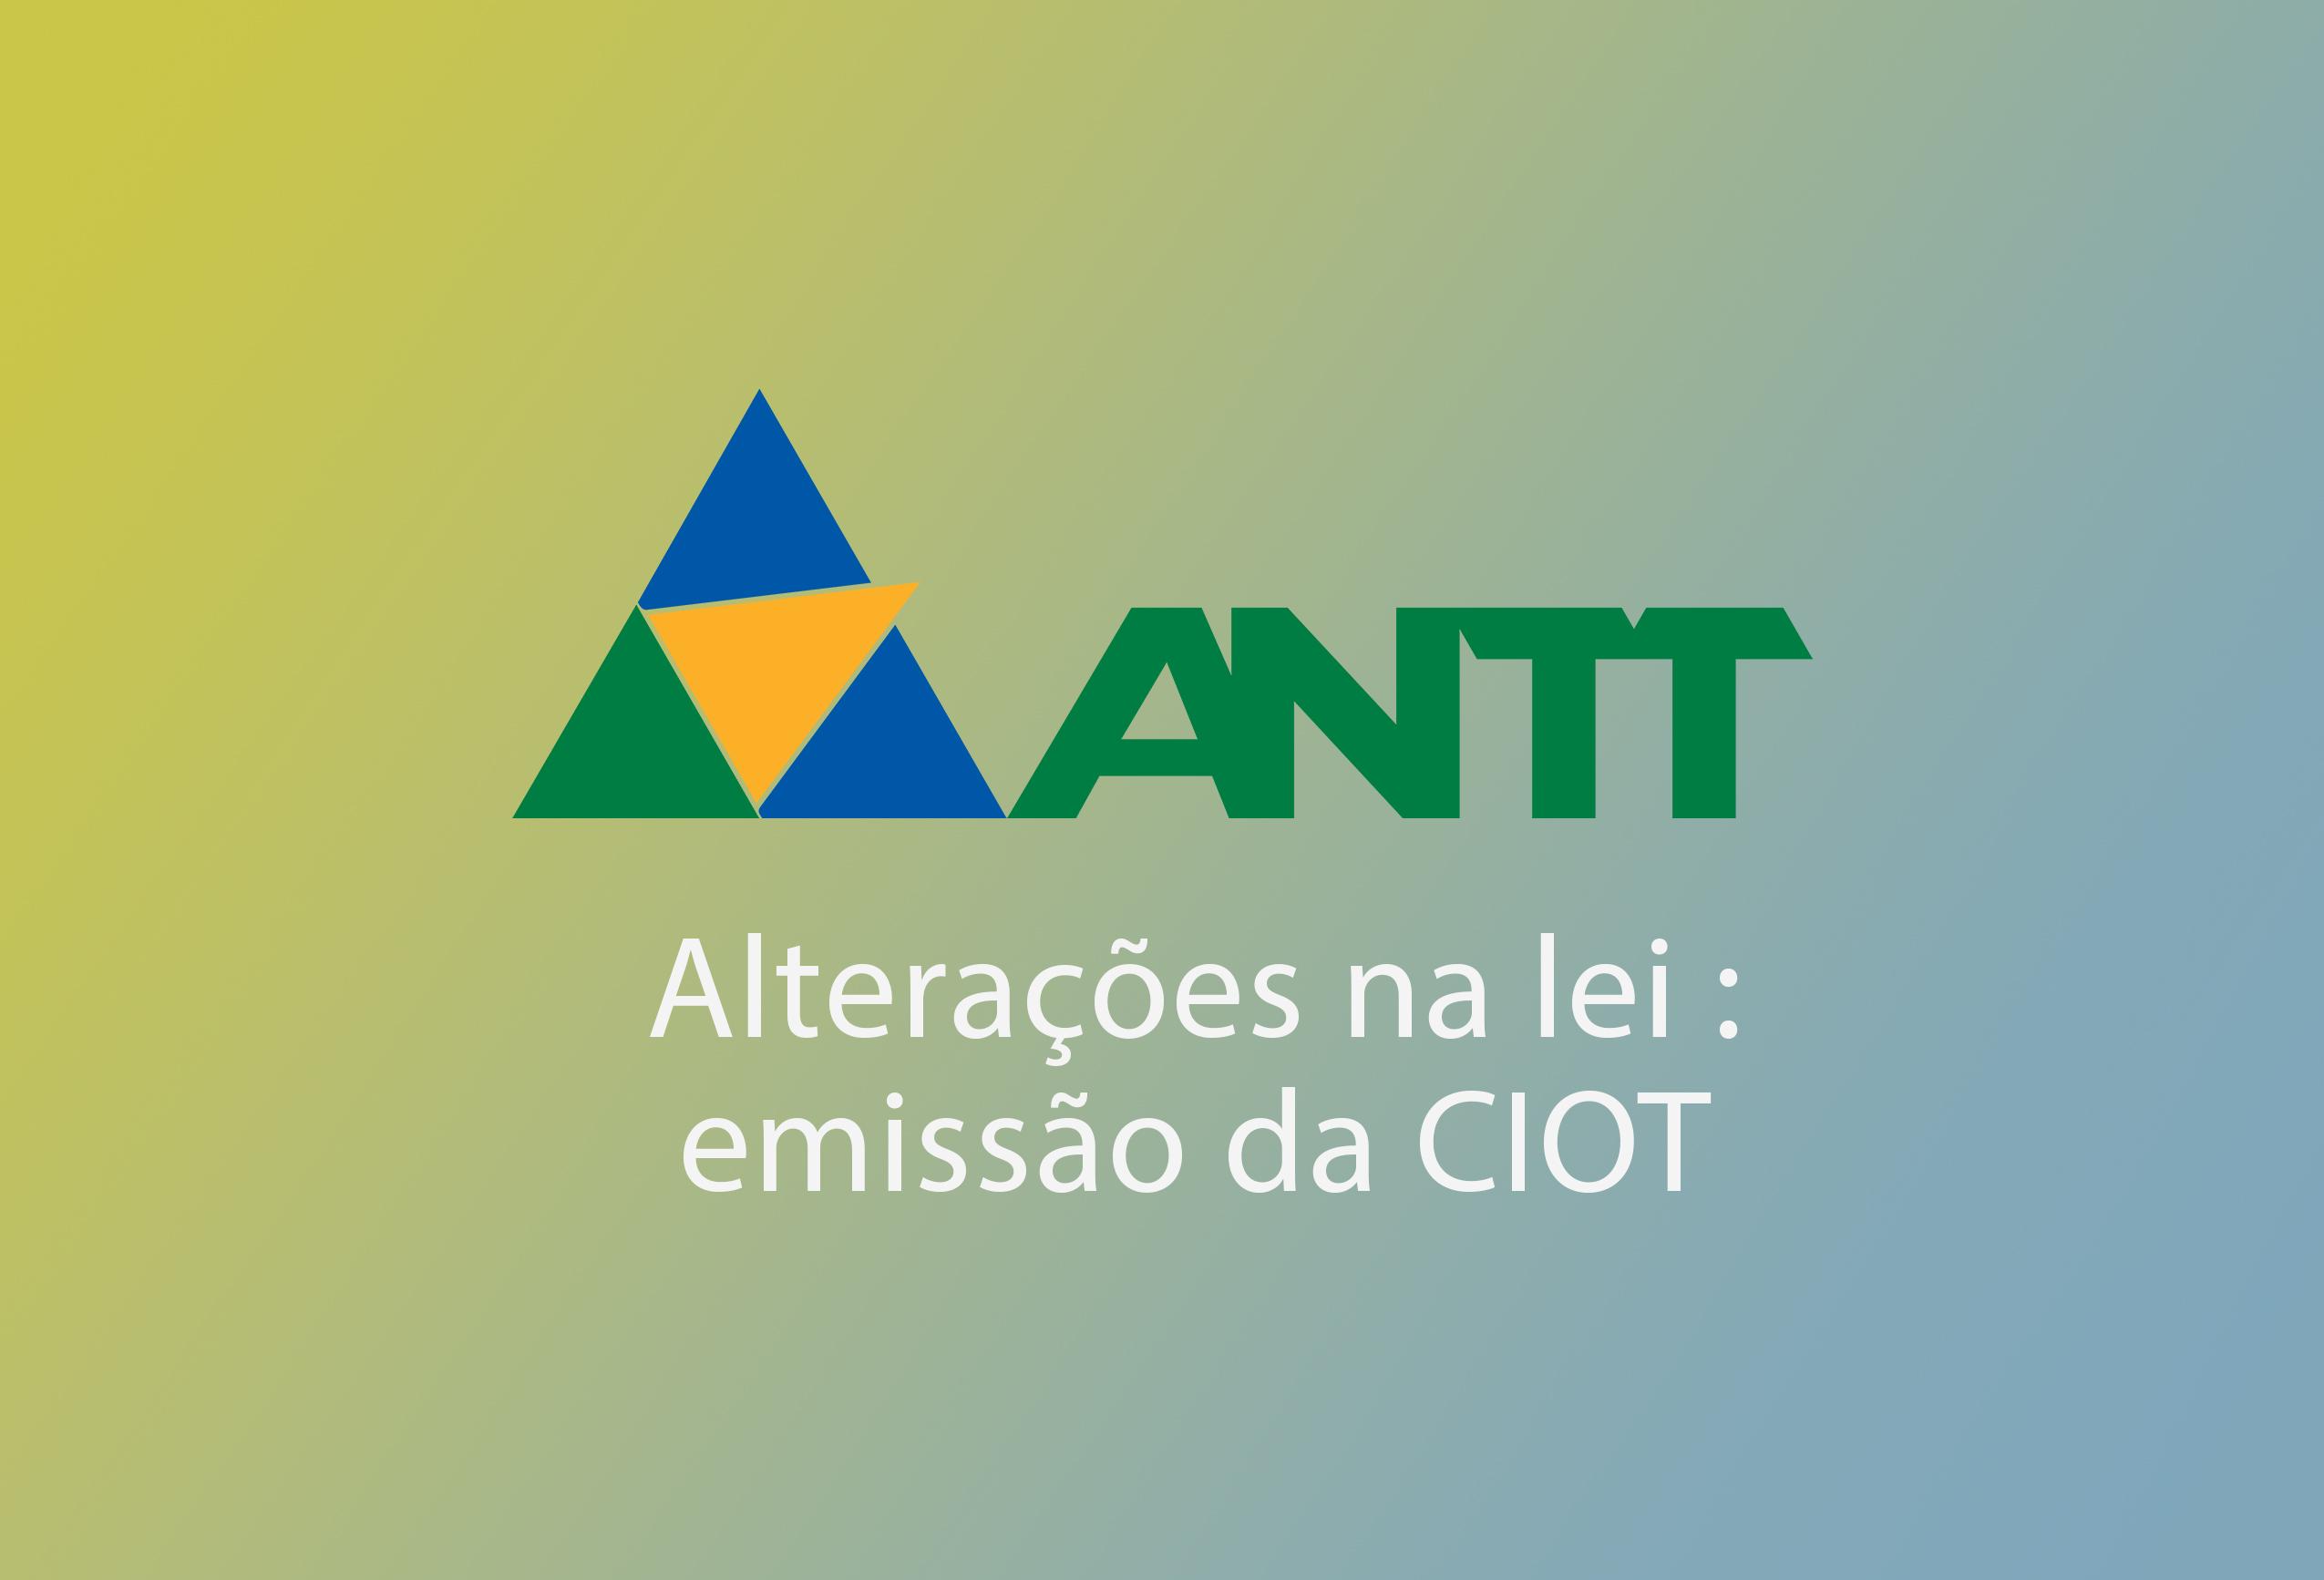 ANTT - OBRIGATORIEDADE DA EMISSÃO DO CIOT (ALTERAÇÕES RESOLUÇÃO 5.869 DE 01/2020)